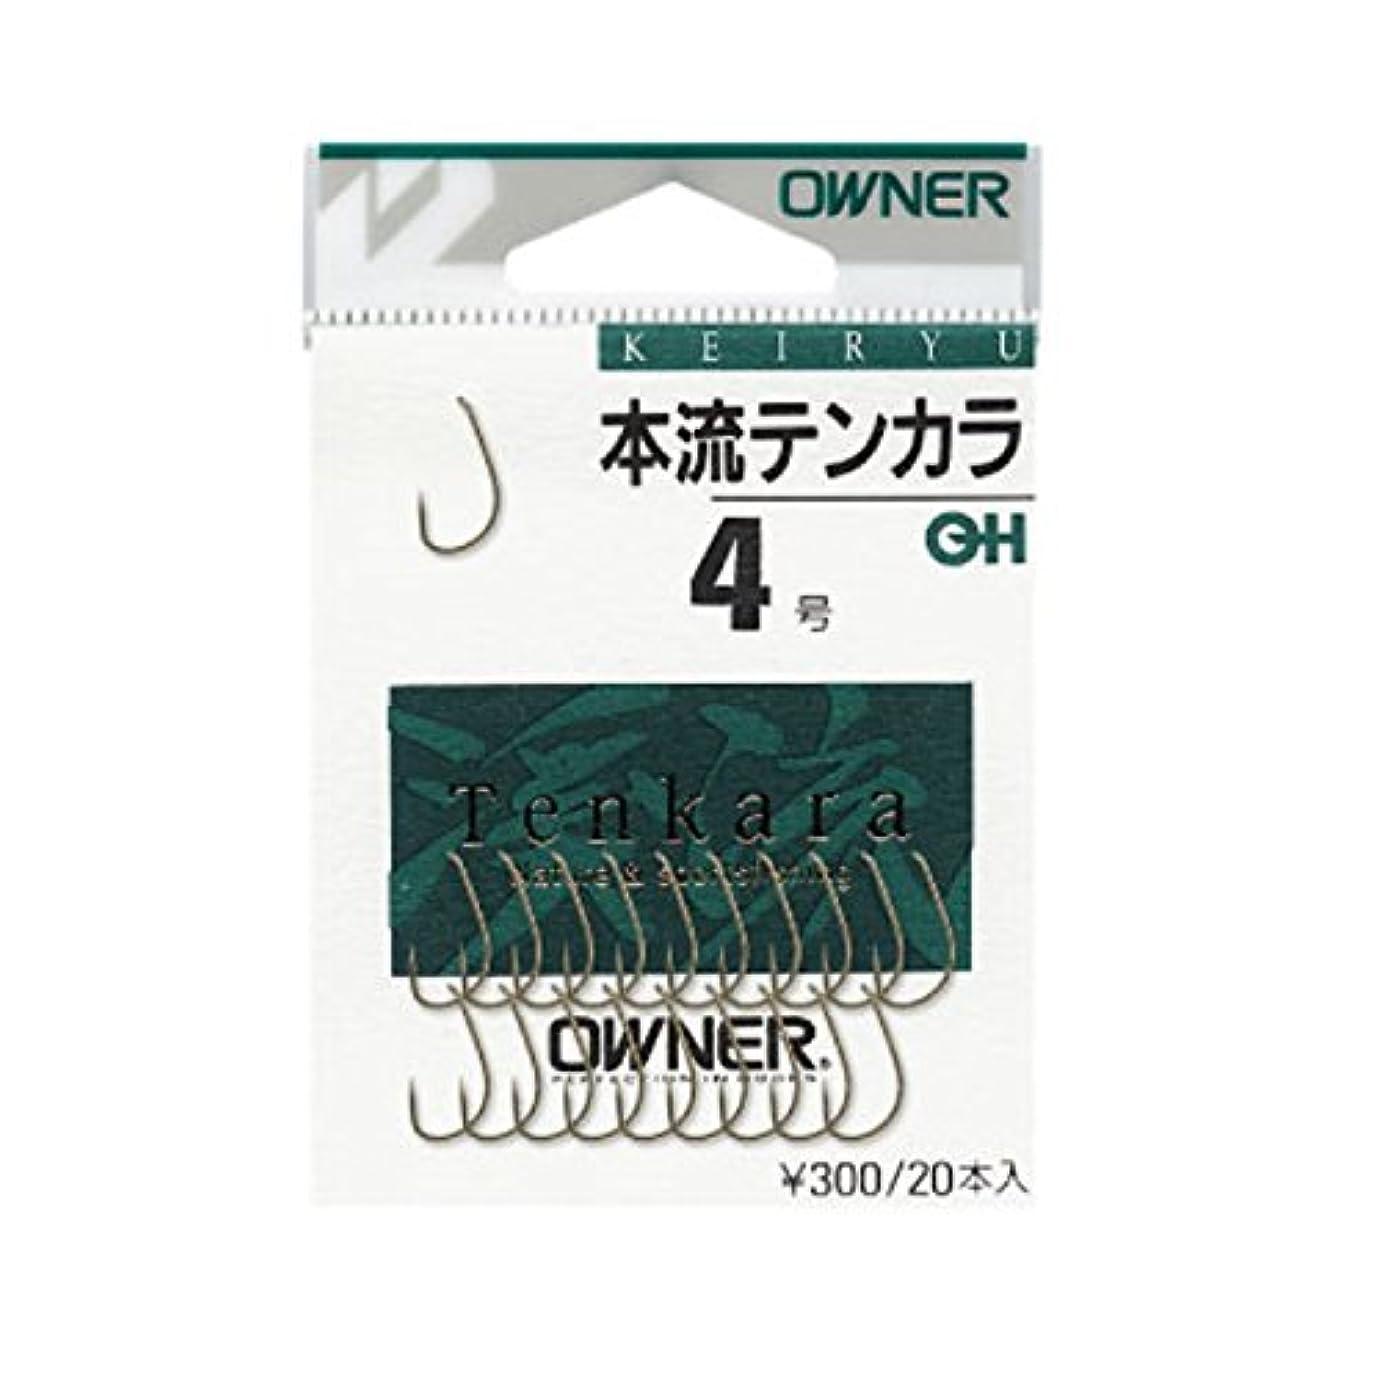 自殺が欲しい枕OWNER(オーナー) OH 本流テンカラ 6号